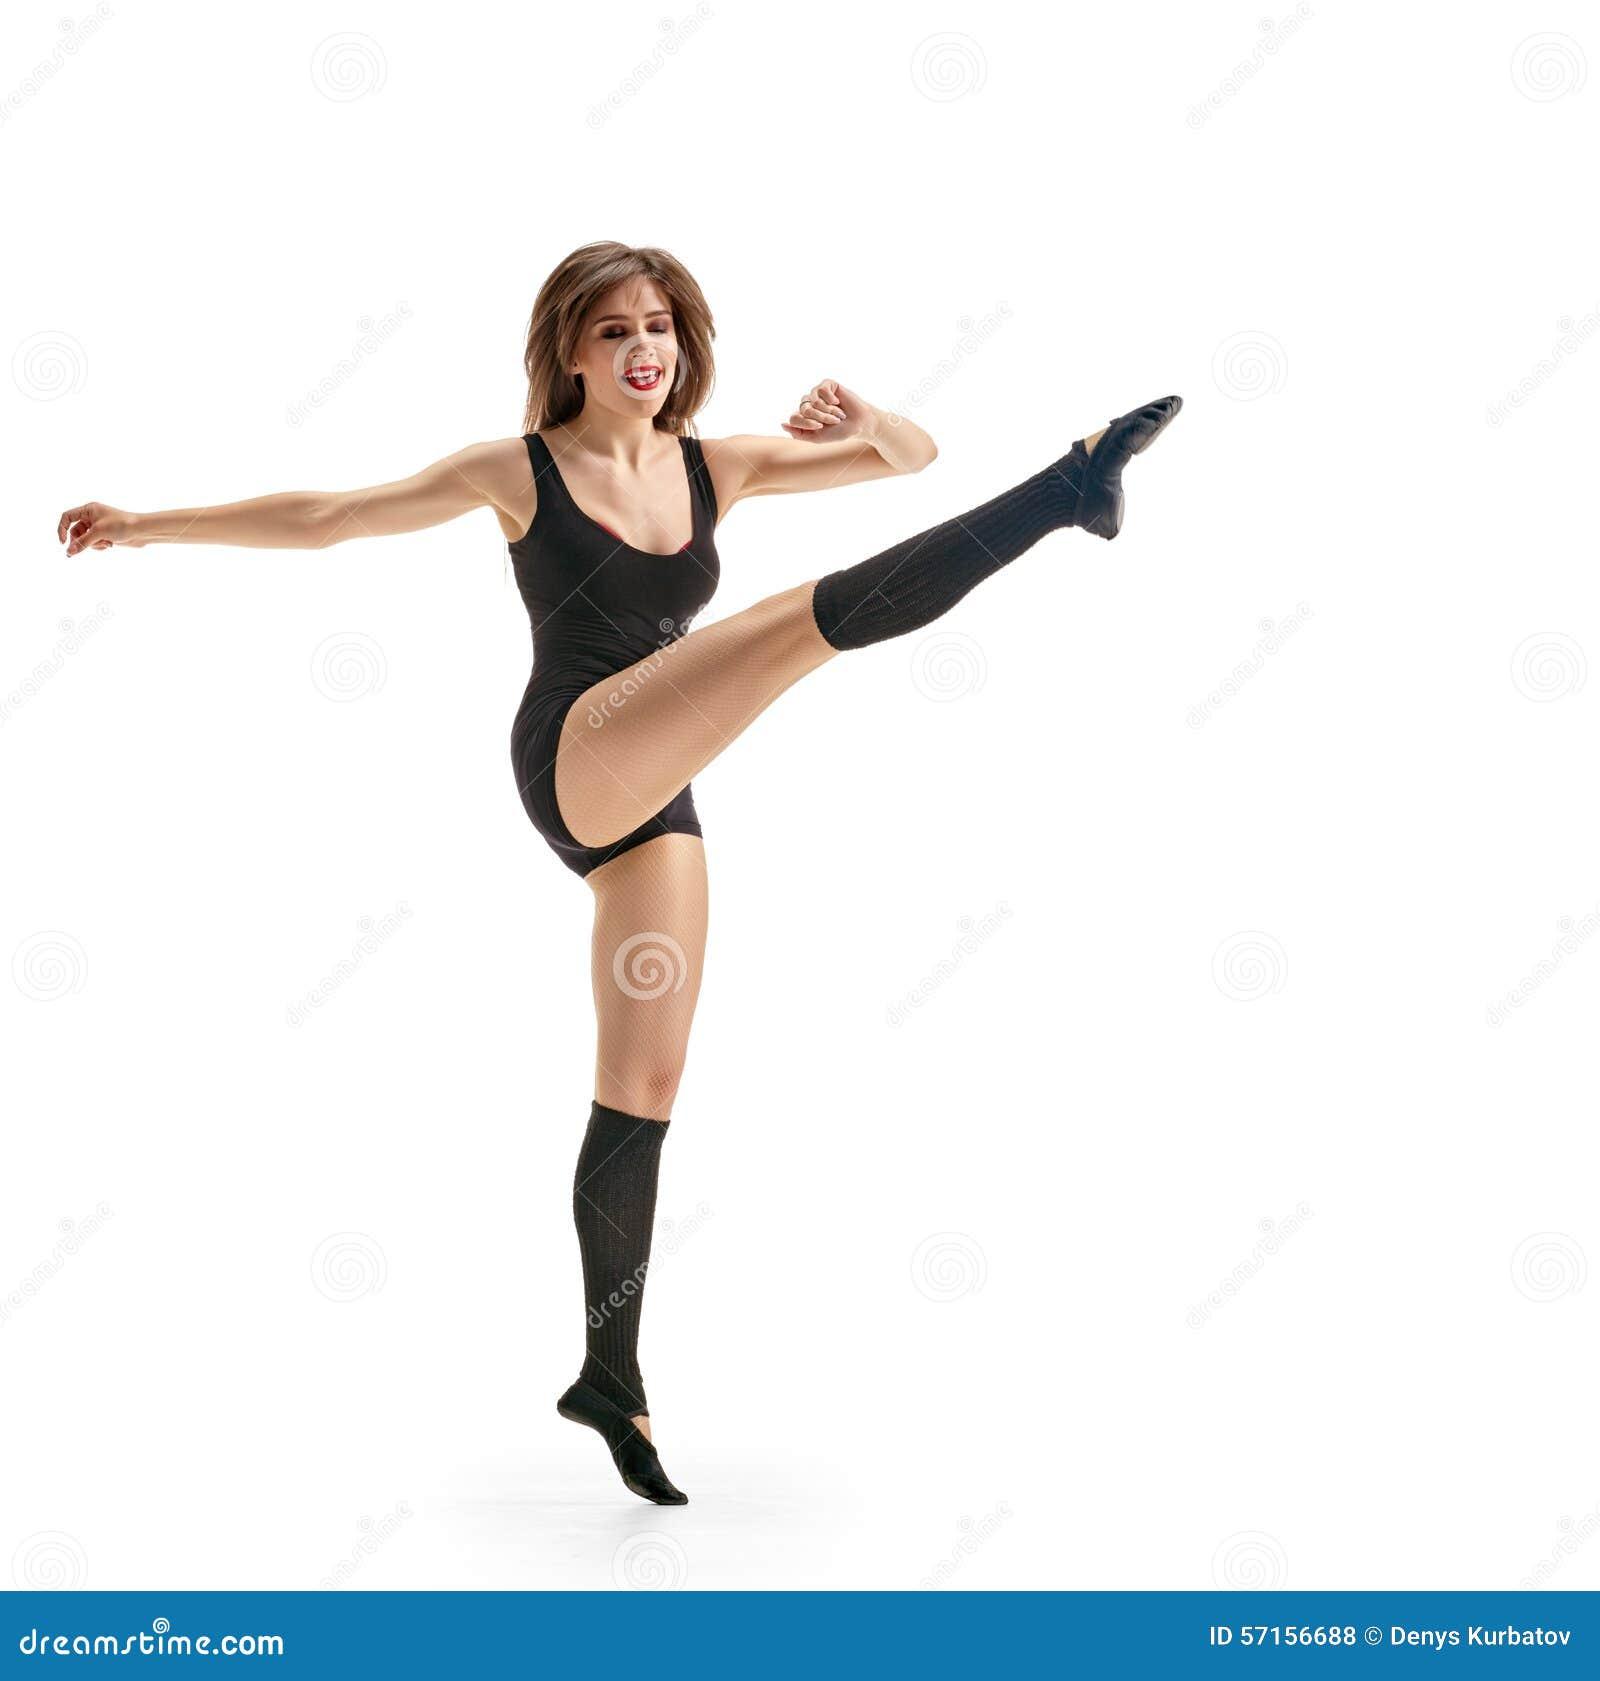 Фото девушек поднимающих ногу фото 114-926